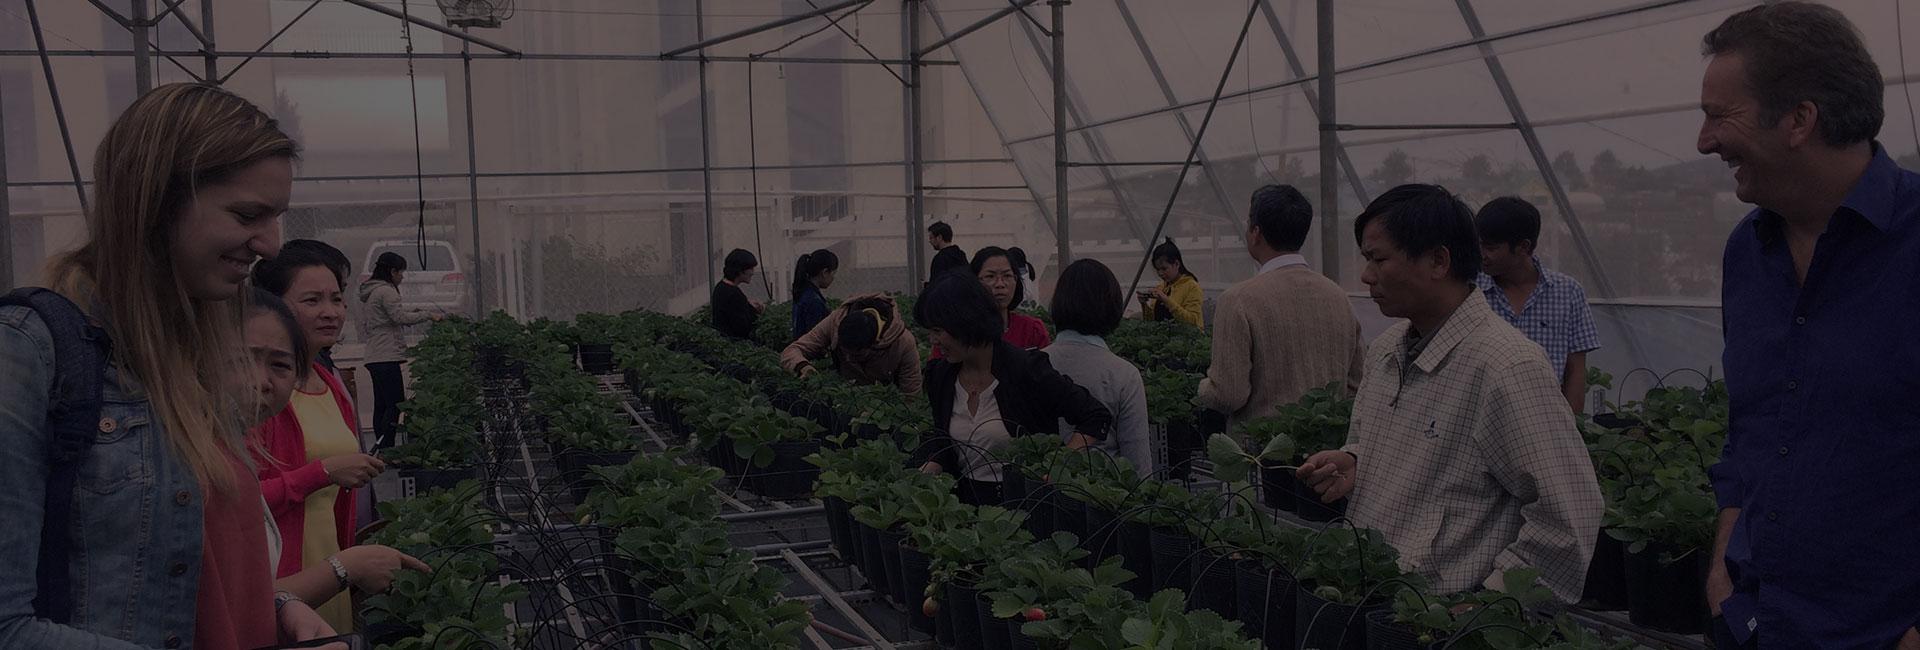 Chương trình đào tạo chuyên gia ở Đà Lạt sẽ huấn luyện cho các học viên về kiến thức thực hành và kỹ năng đào tạo